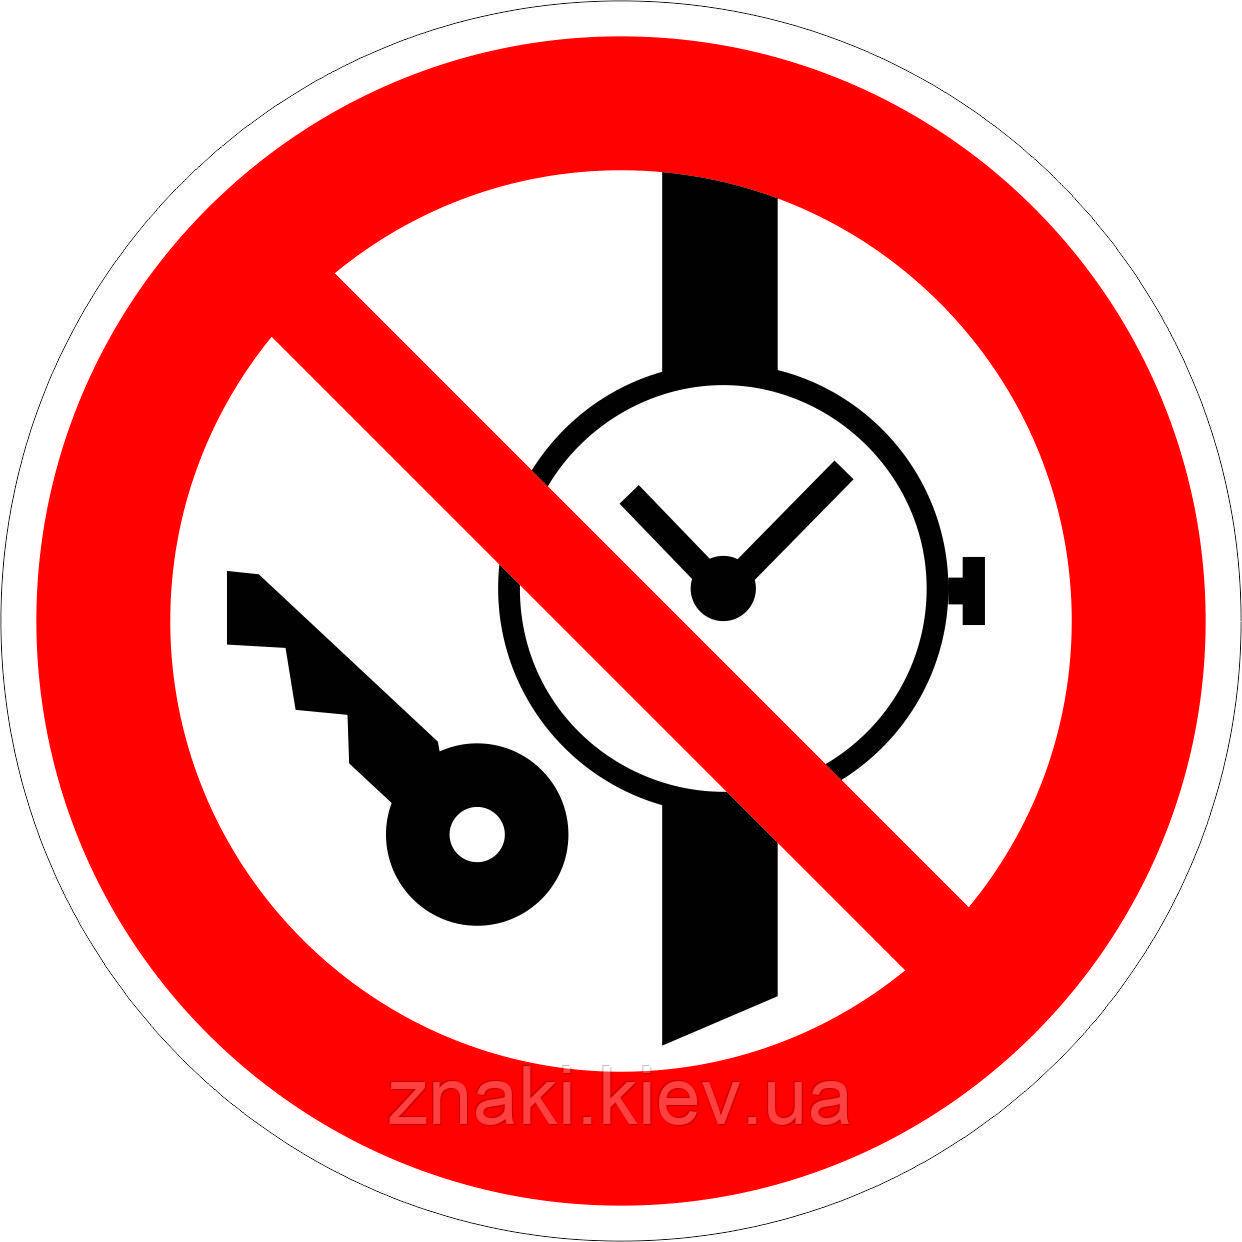 Иметь при (на) себе металлические предметы (часы и т.п.) запрещено